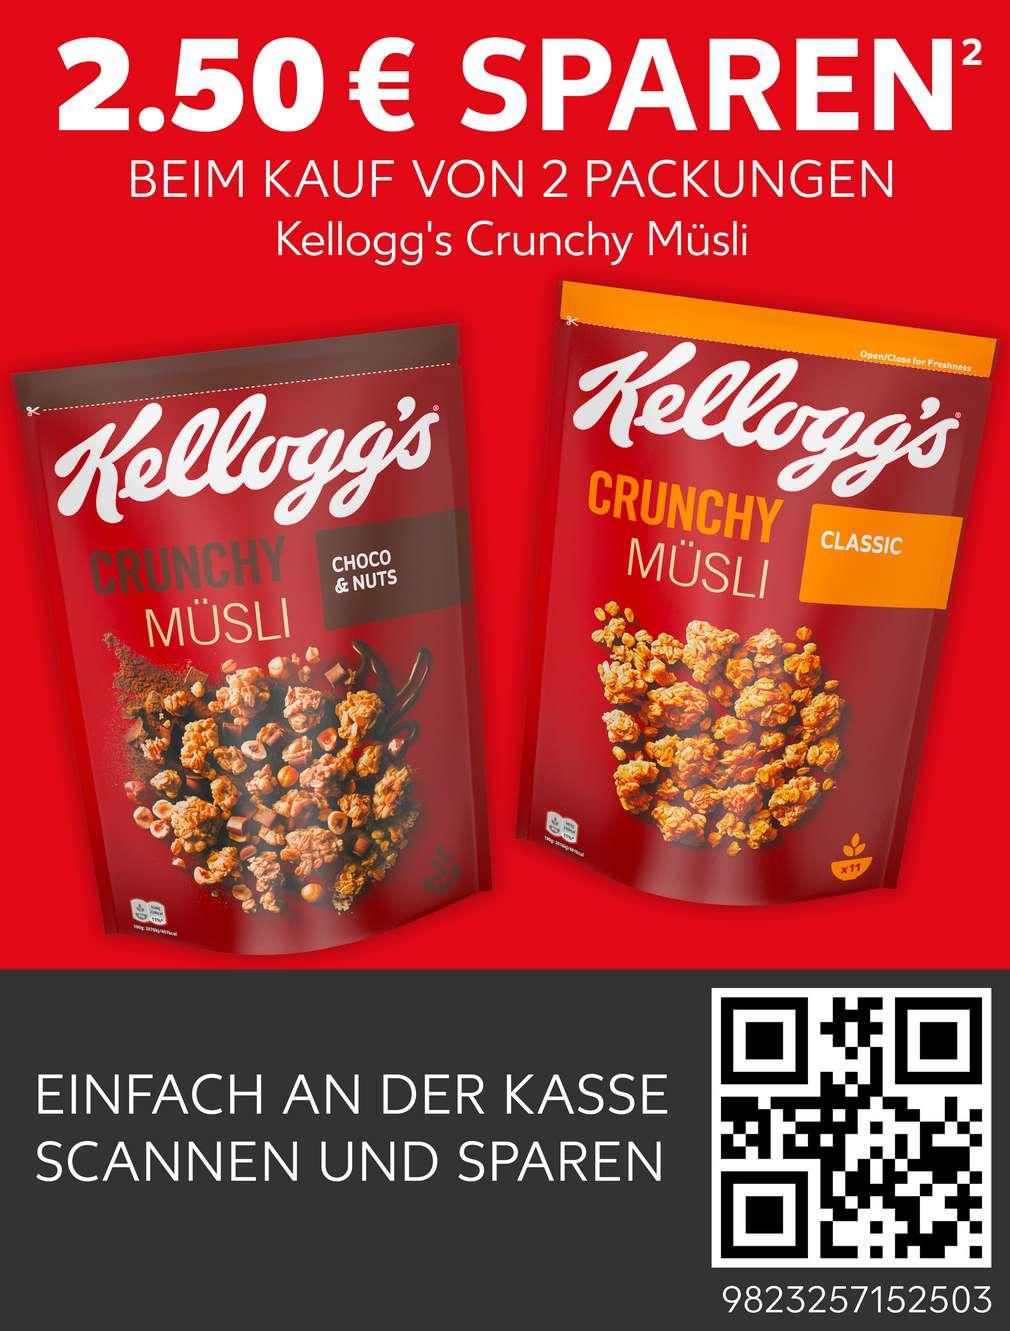 Coupon Kellogg's Crunchy Müsli